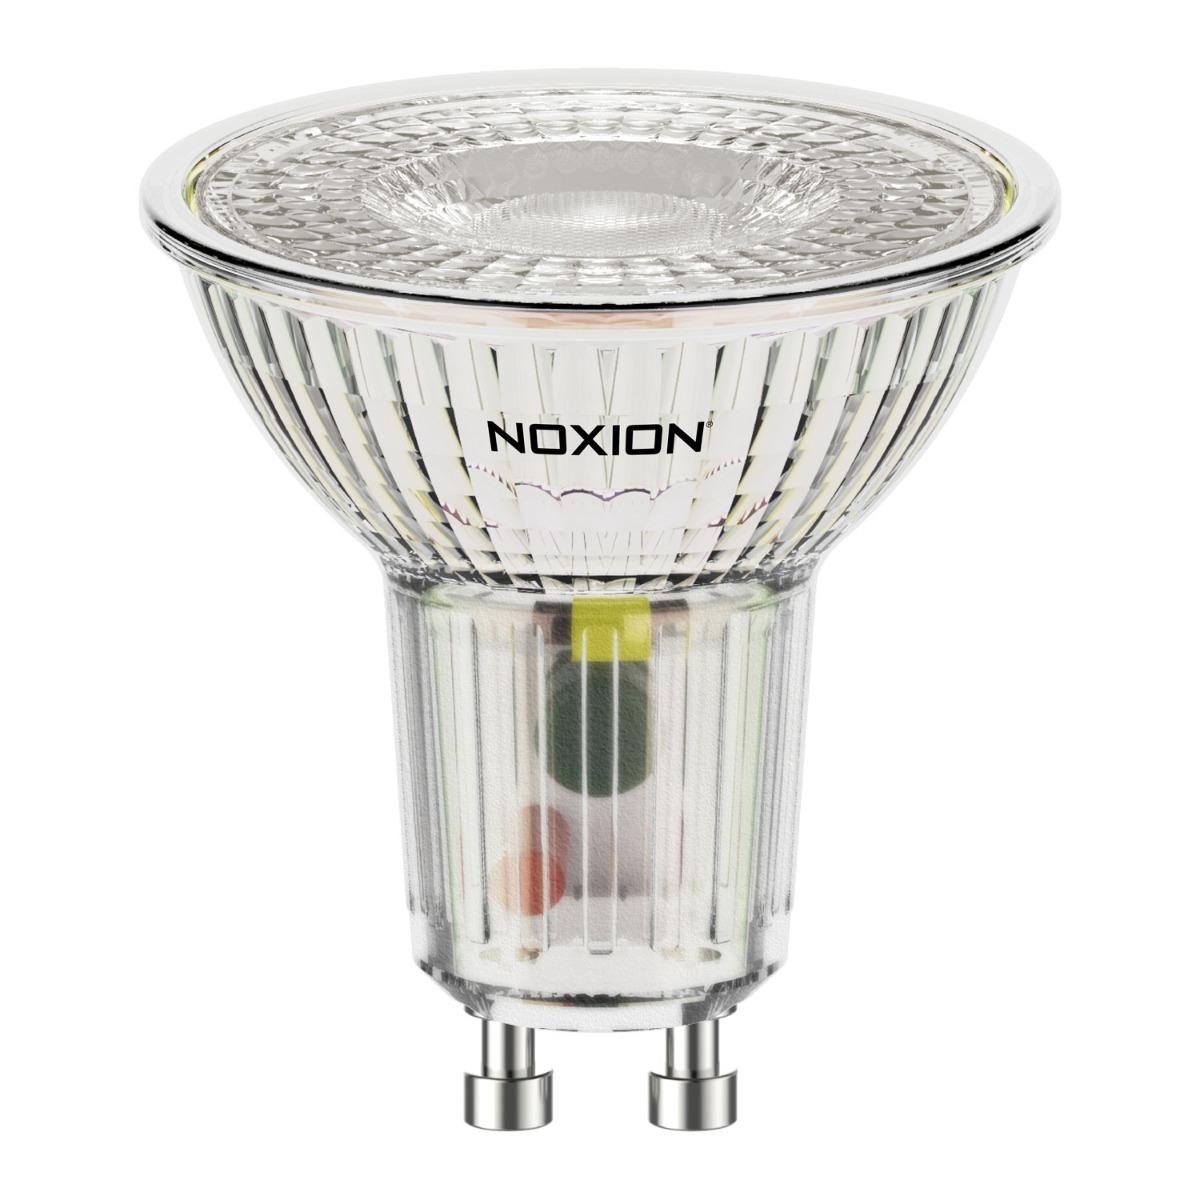 Noxion LED Spot GU10 3.7W 840 36D 270lm | Koel Wit - Vervangt 35W